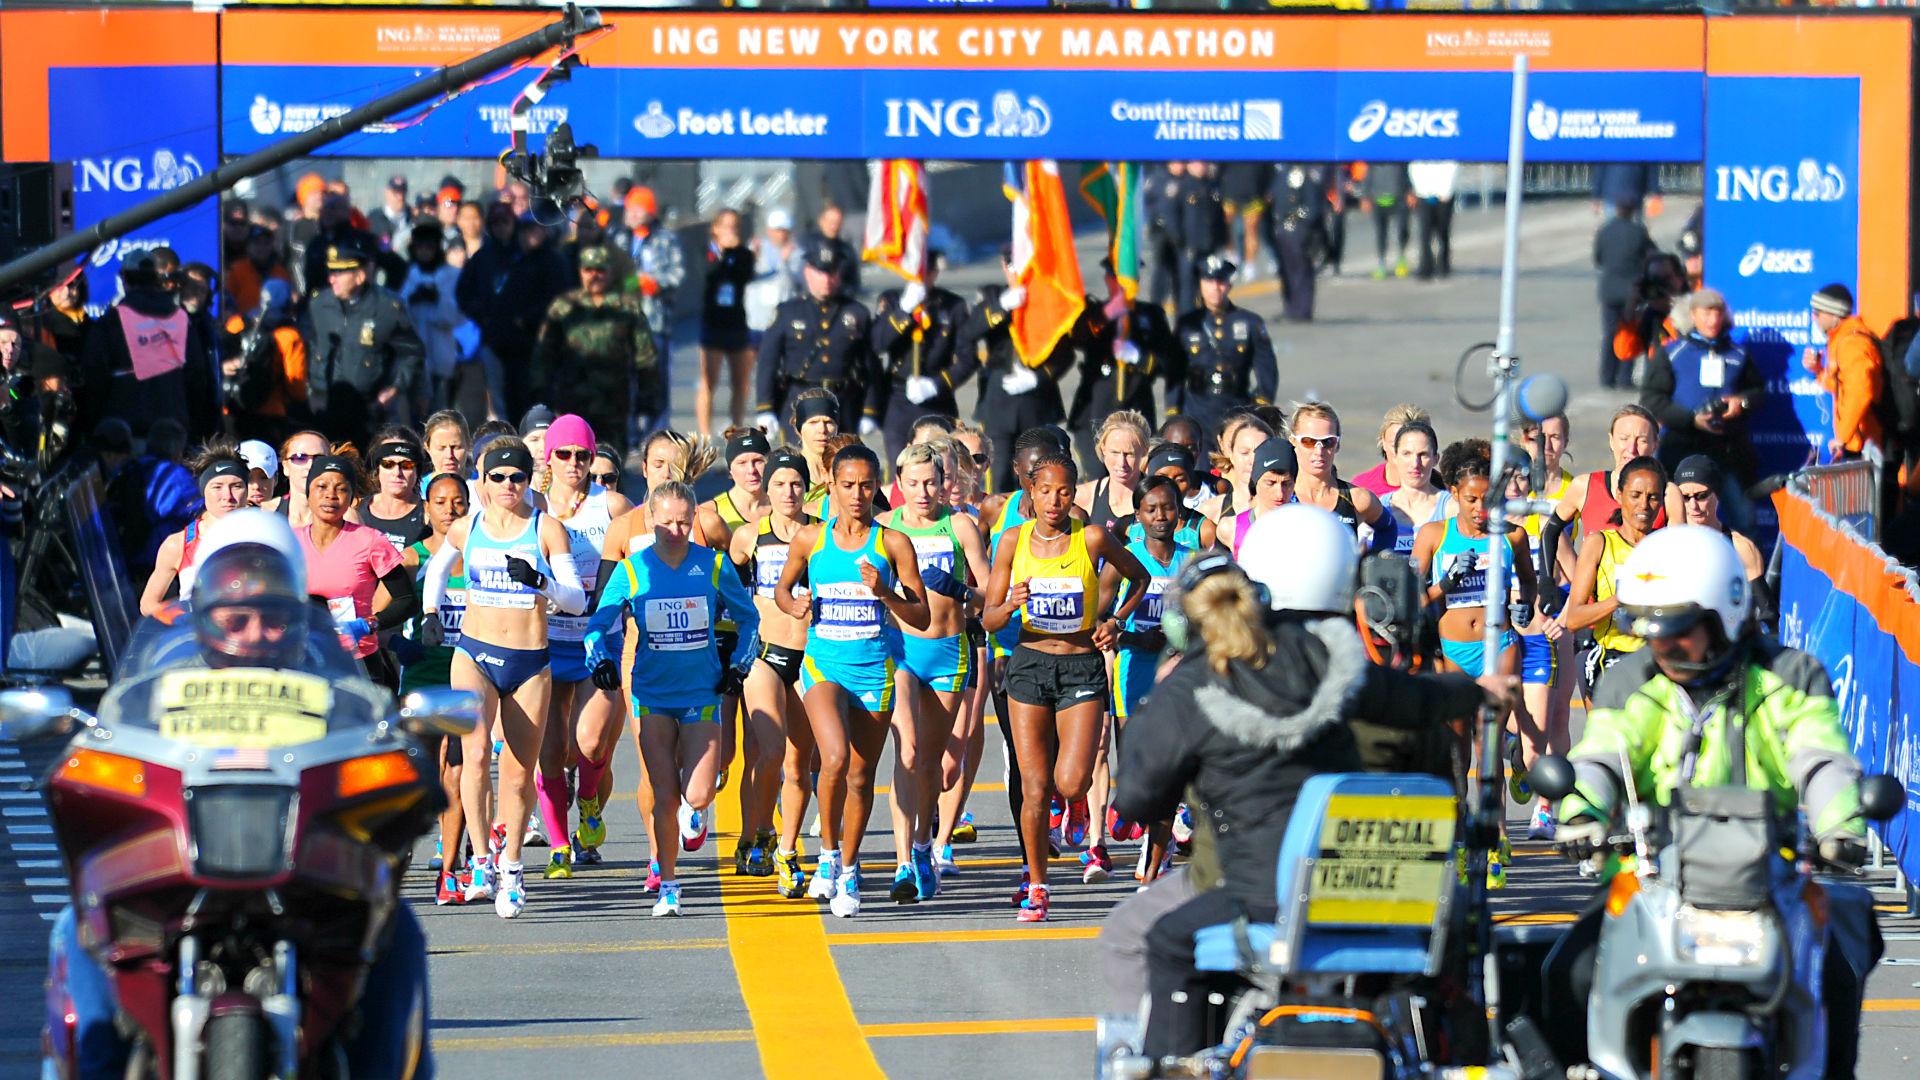 pics Marathons Safe for Regular Runners Over 50